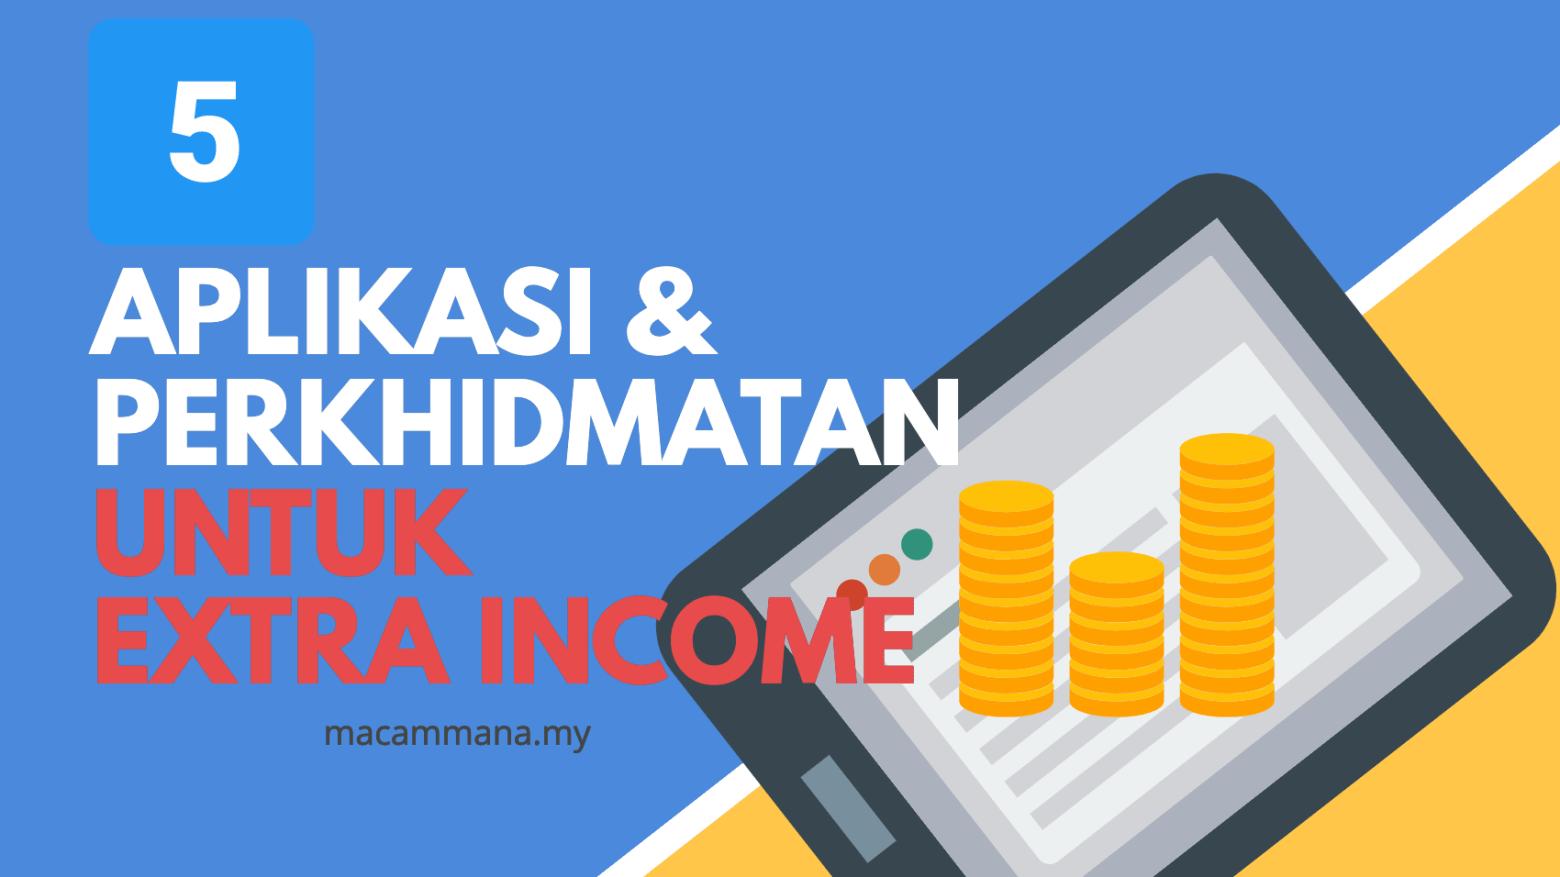 5 Perkhidmatan dan Apps Untuk Extra Income